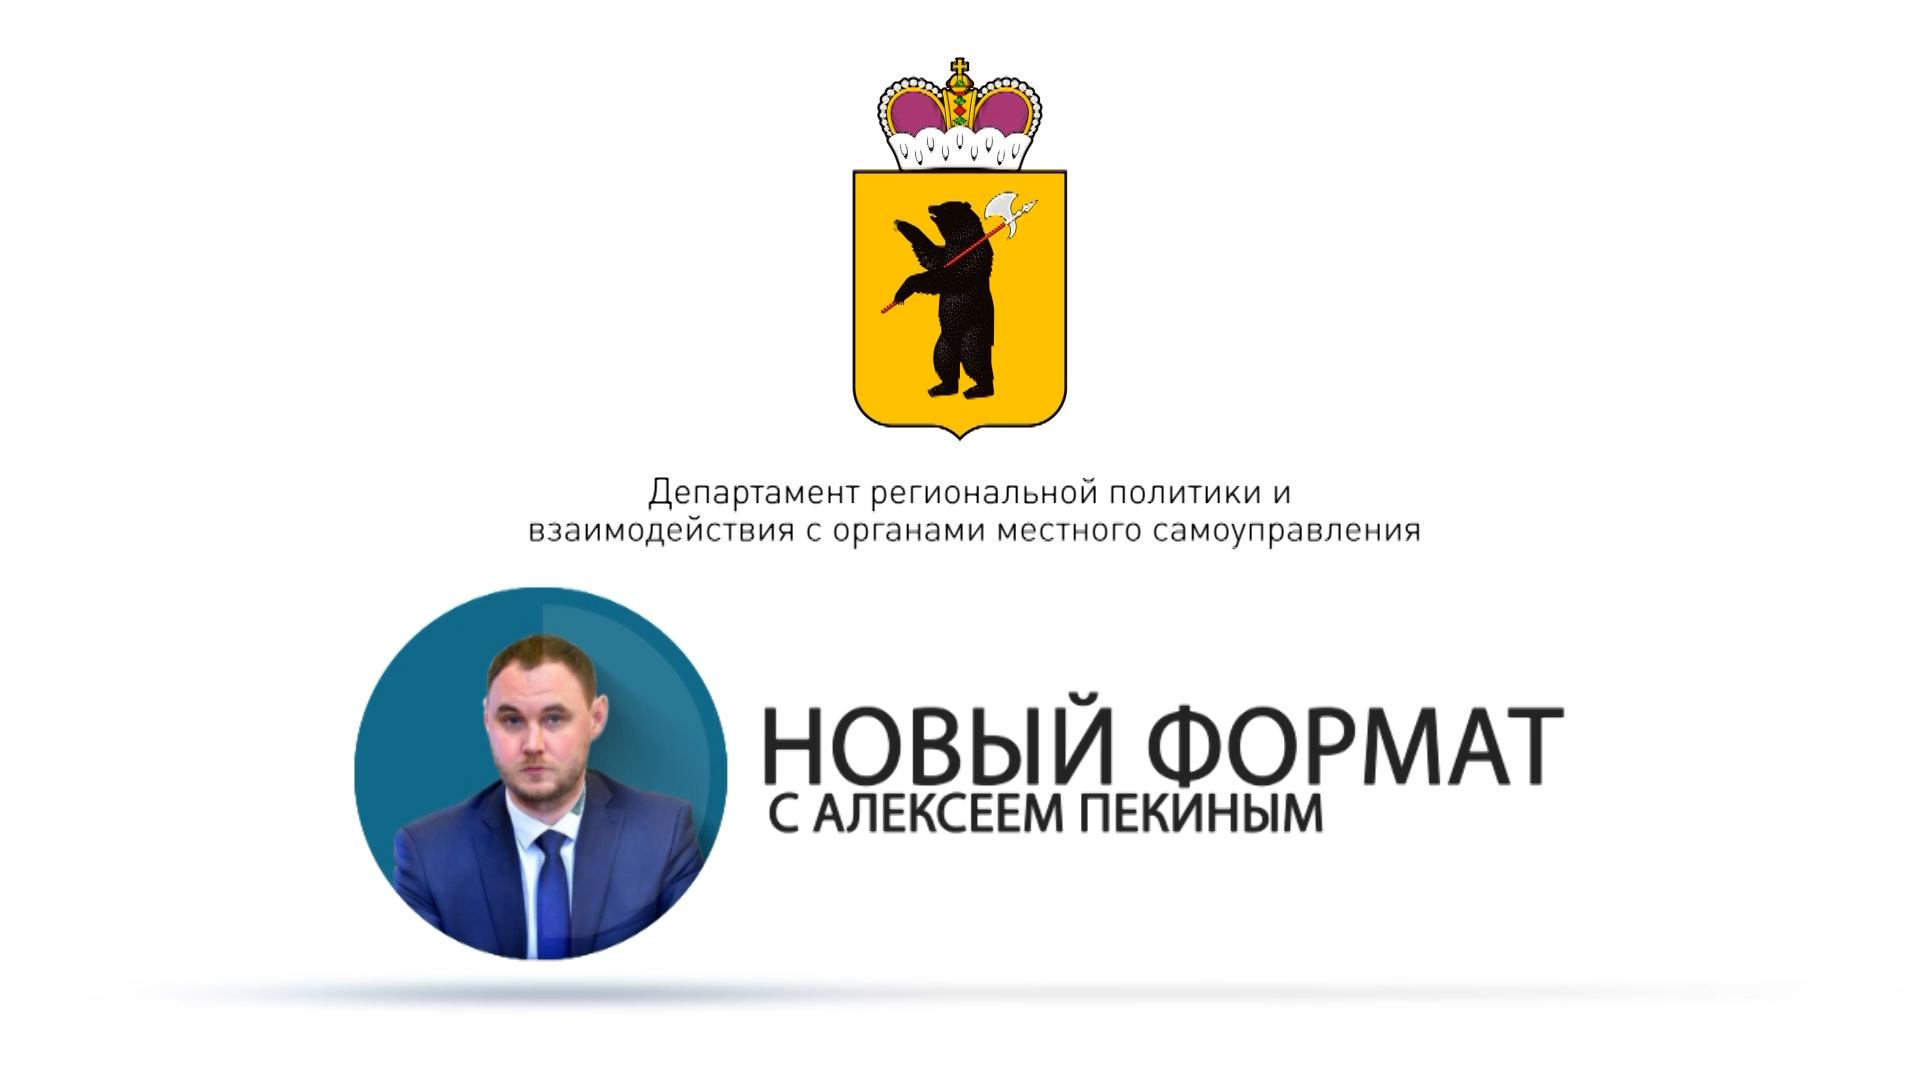 «НОВЫЙ ФОРМАТ» с Алексеем Пекиным